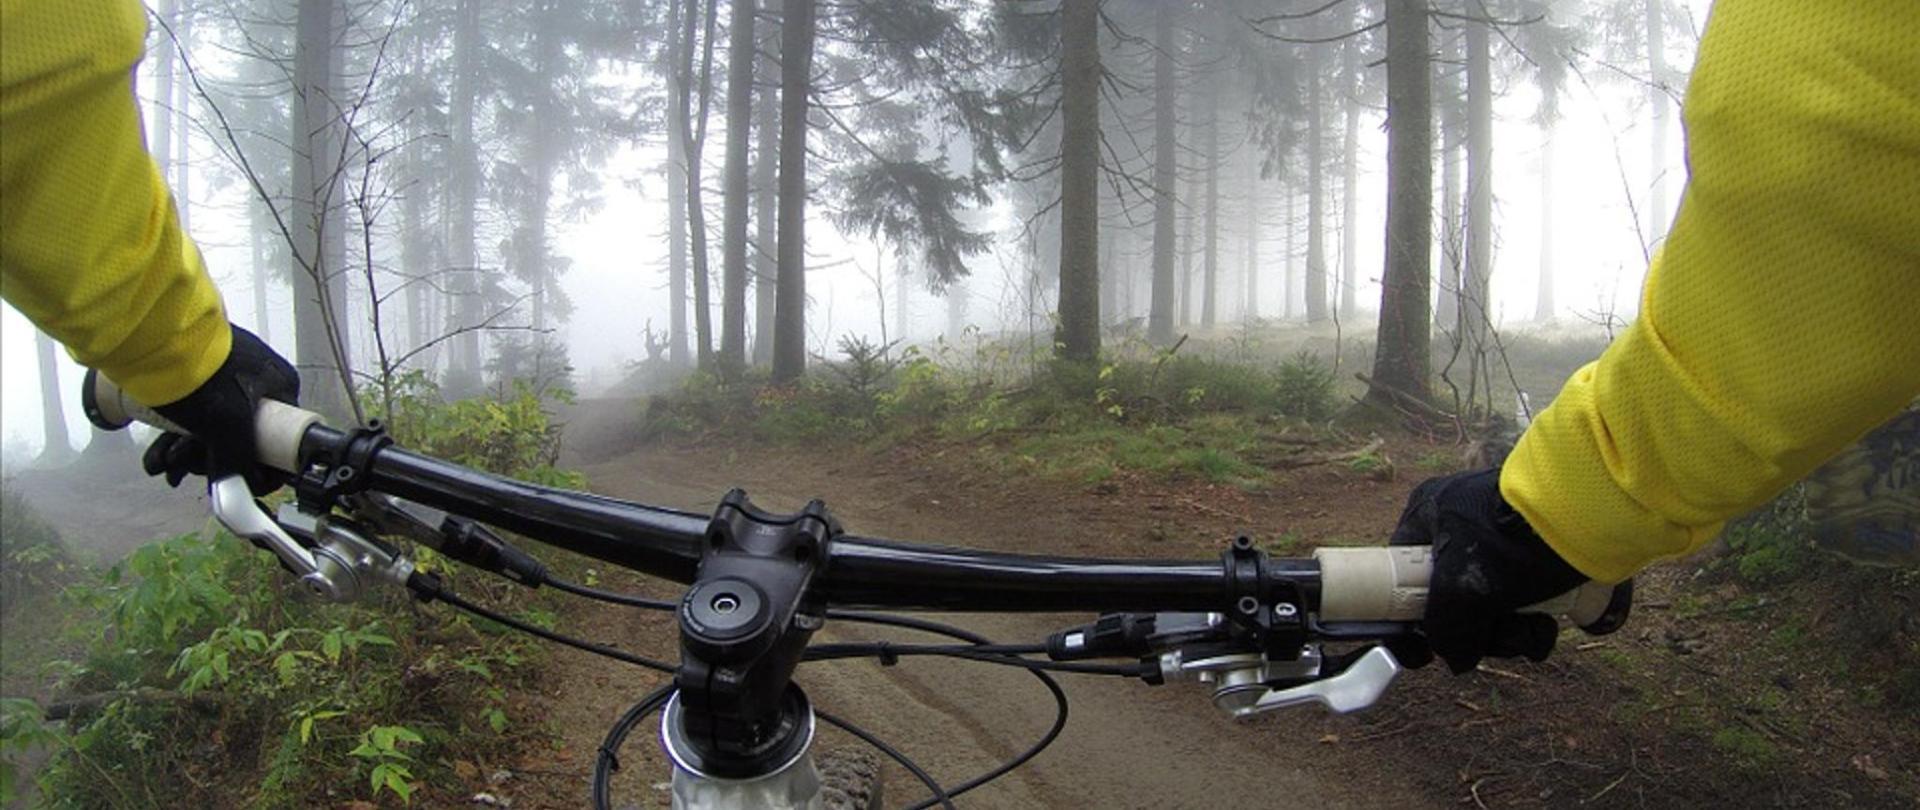 cycling-828646_960_720.jpg